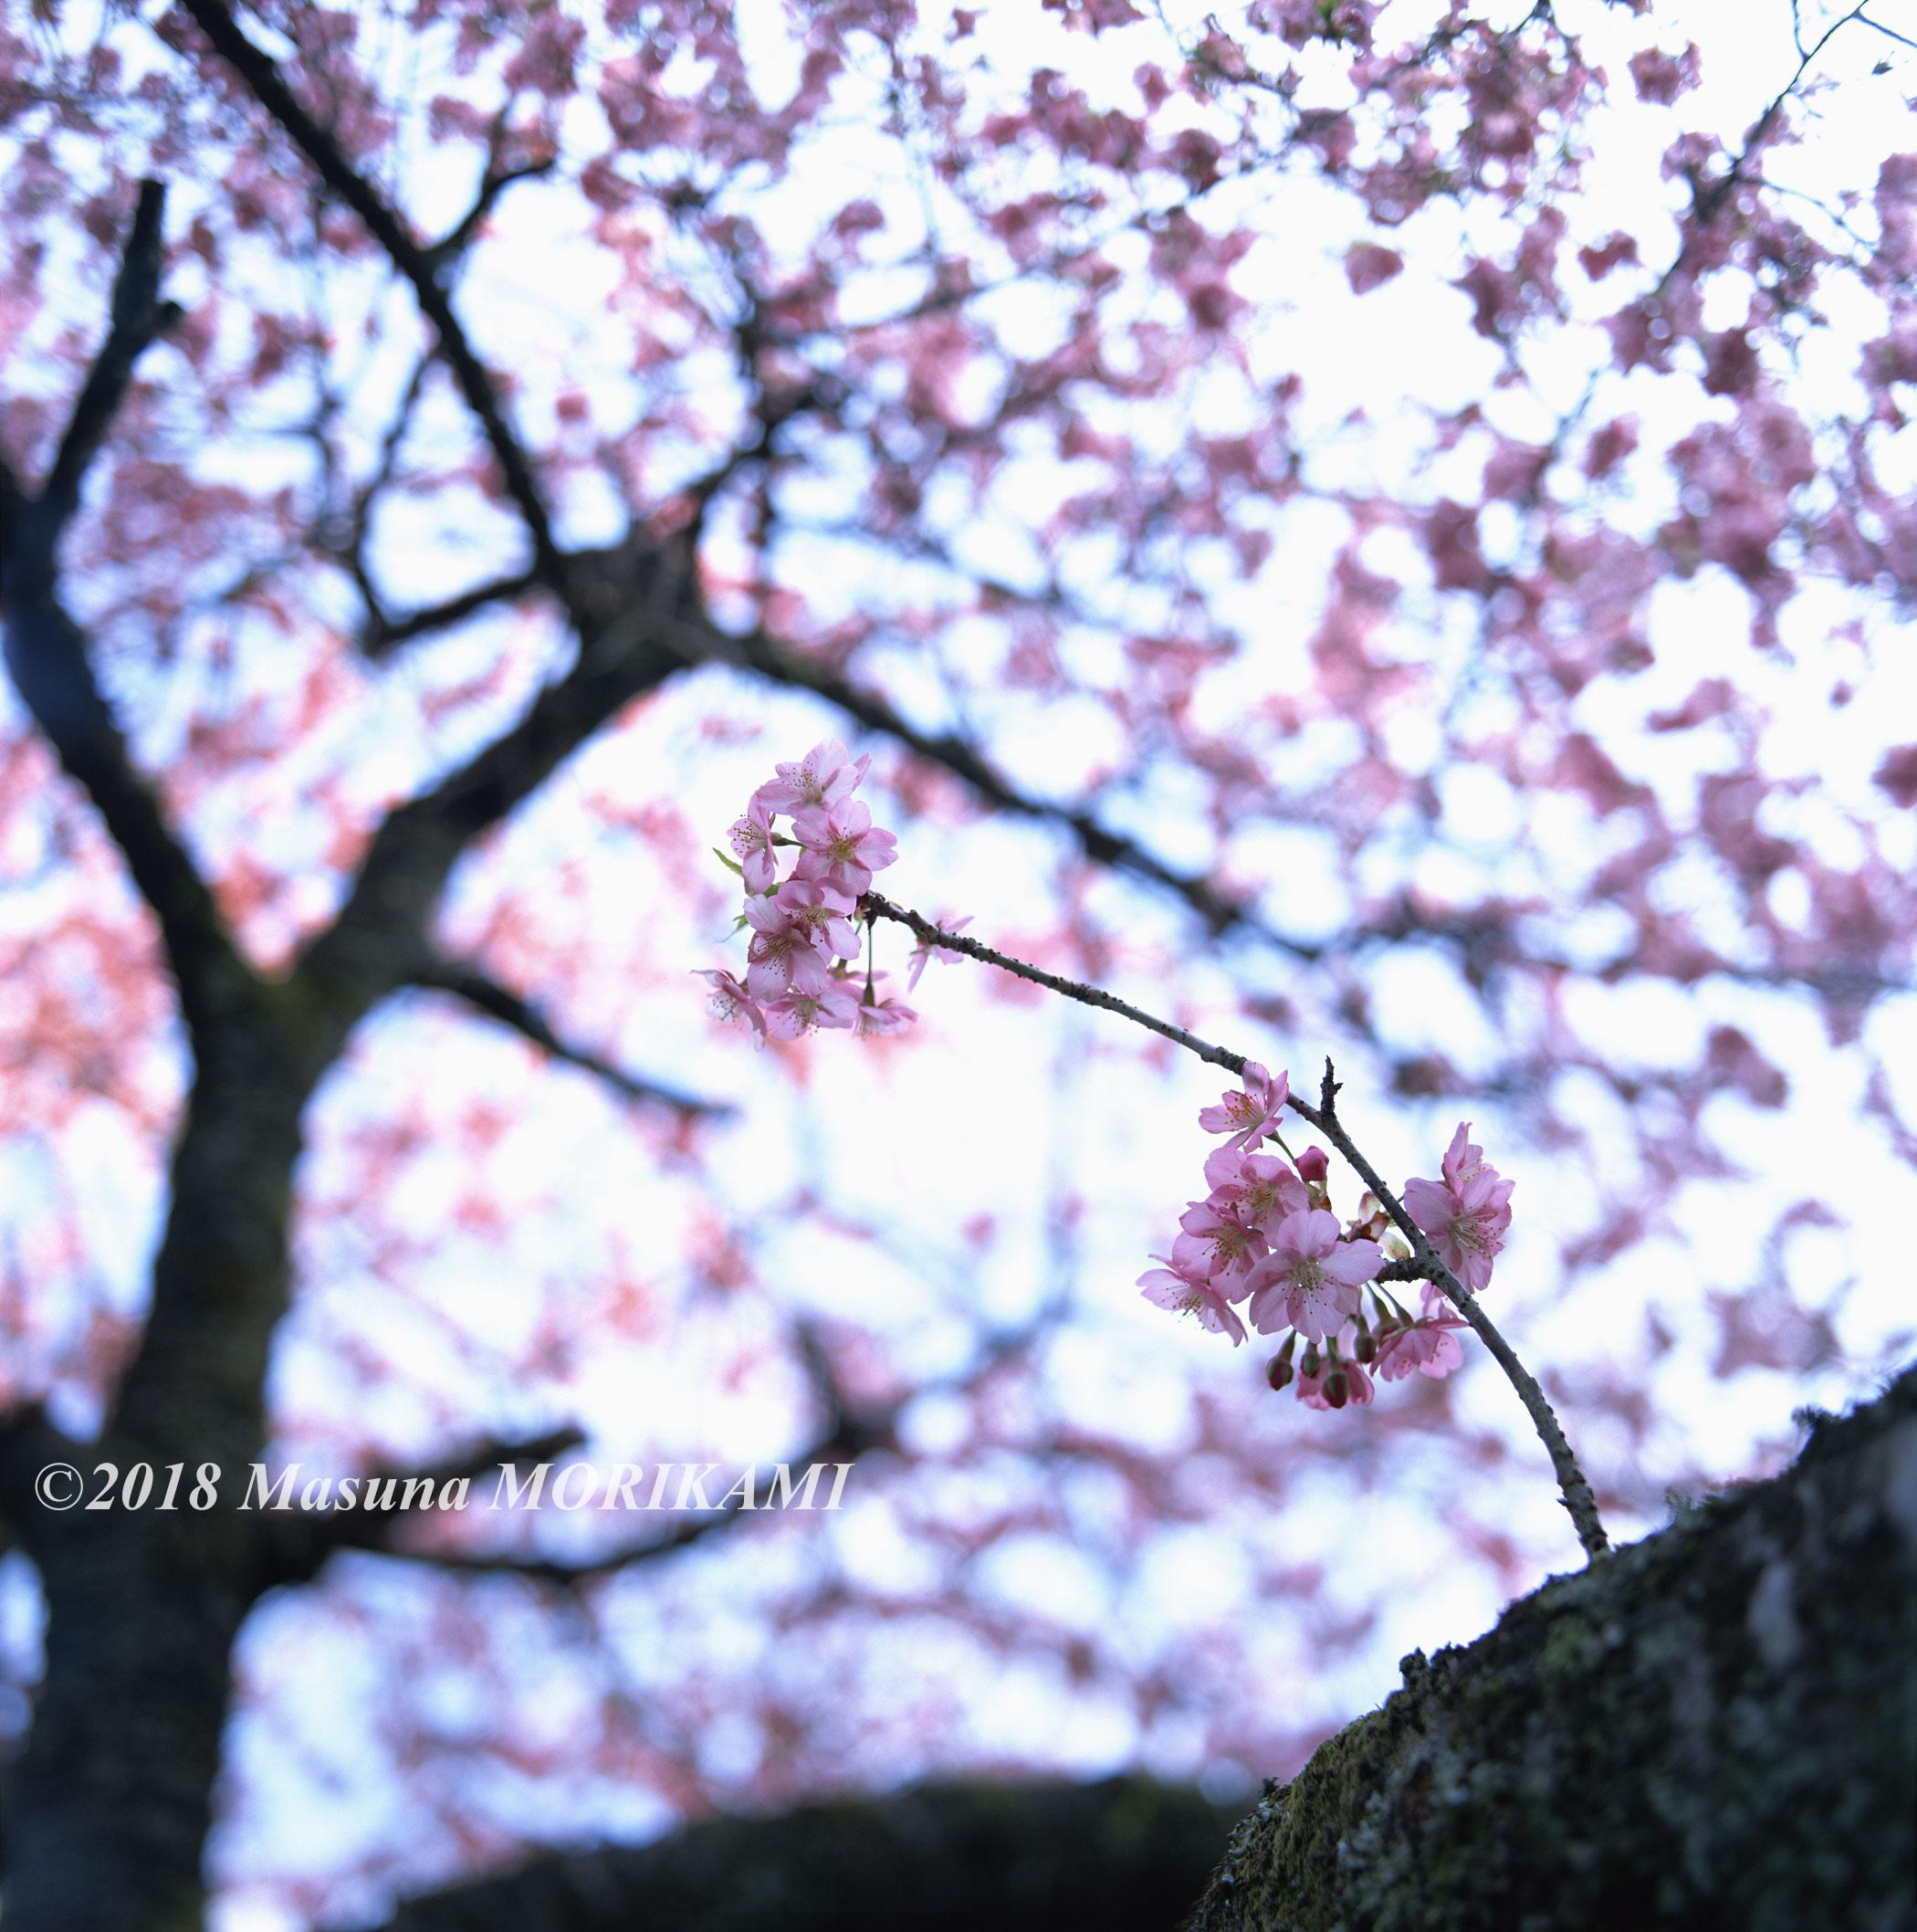 03 見守られ/愛知県新城市/2011.4.2 8:40